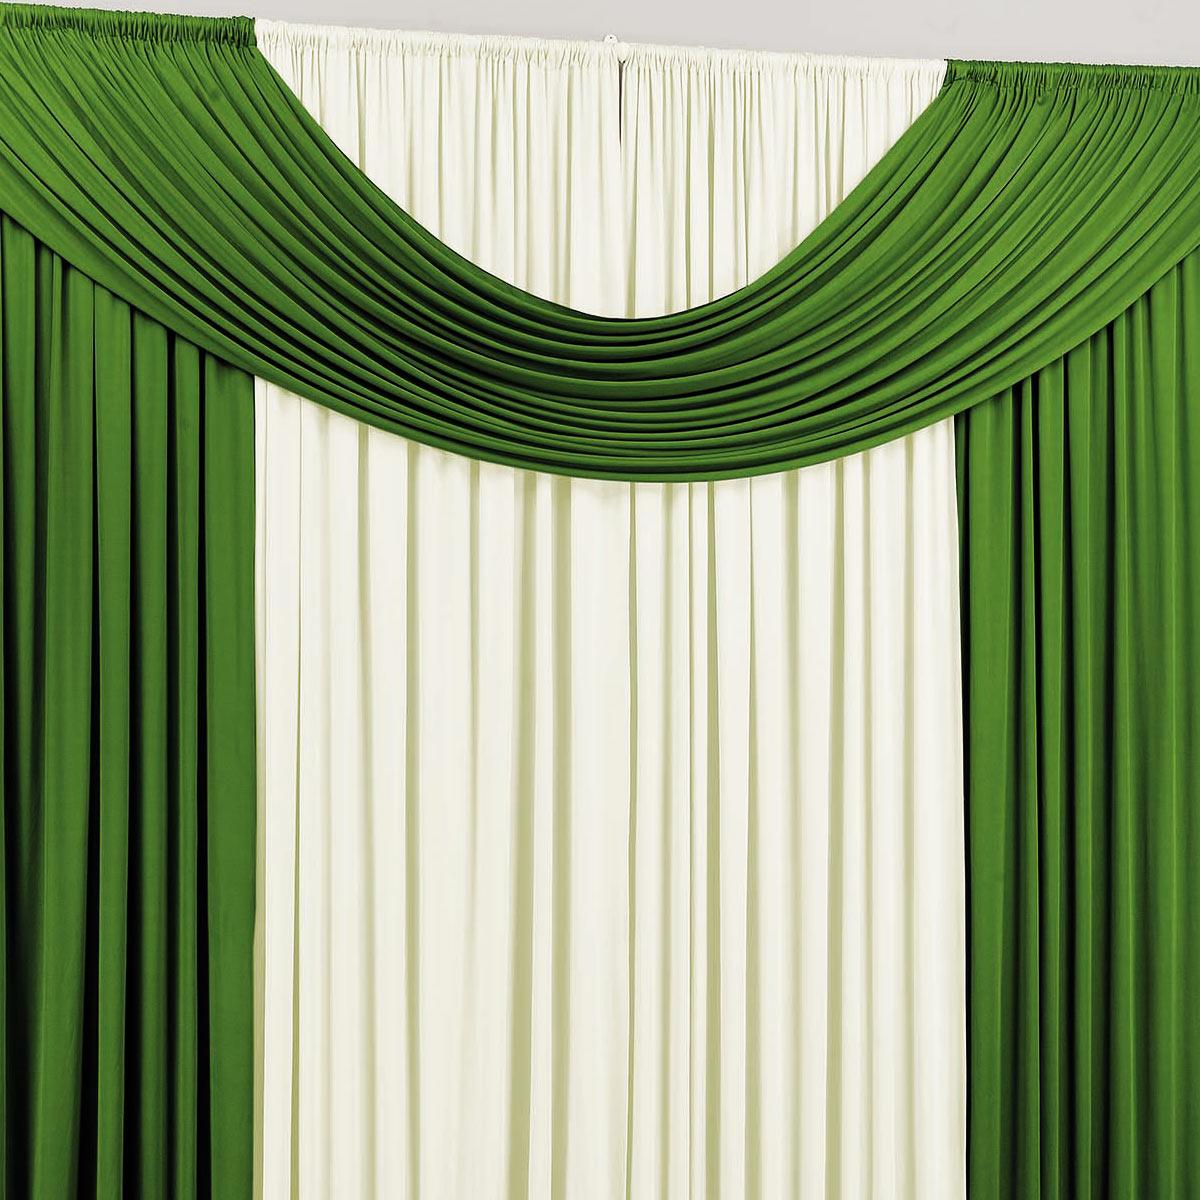 Cortina para Sala e Quarto Verde e Palha 4 metros em Malha varão Simples - Cortina Cristal